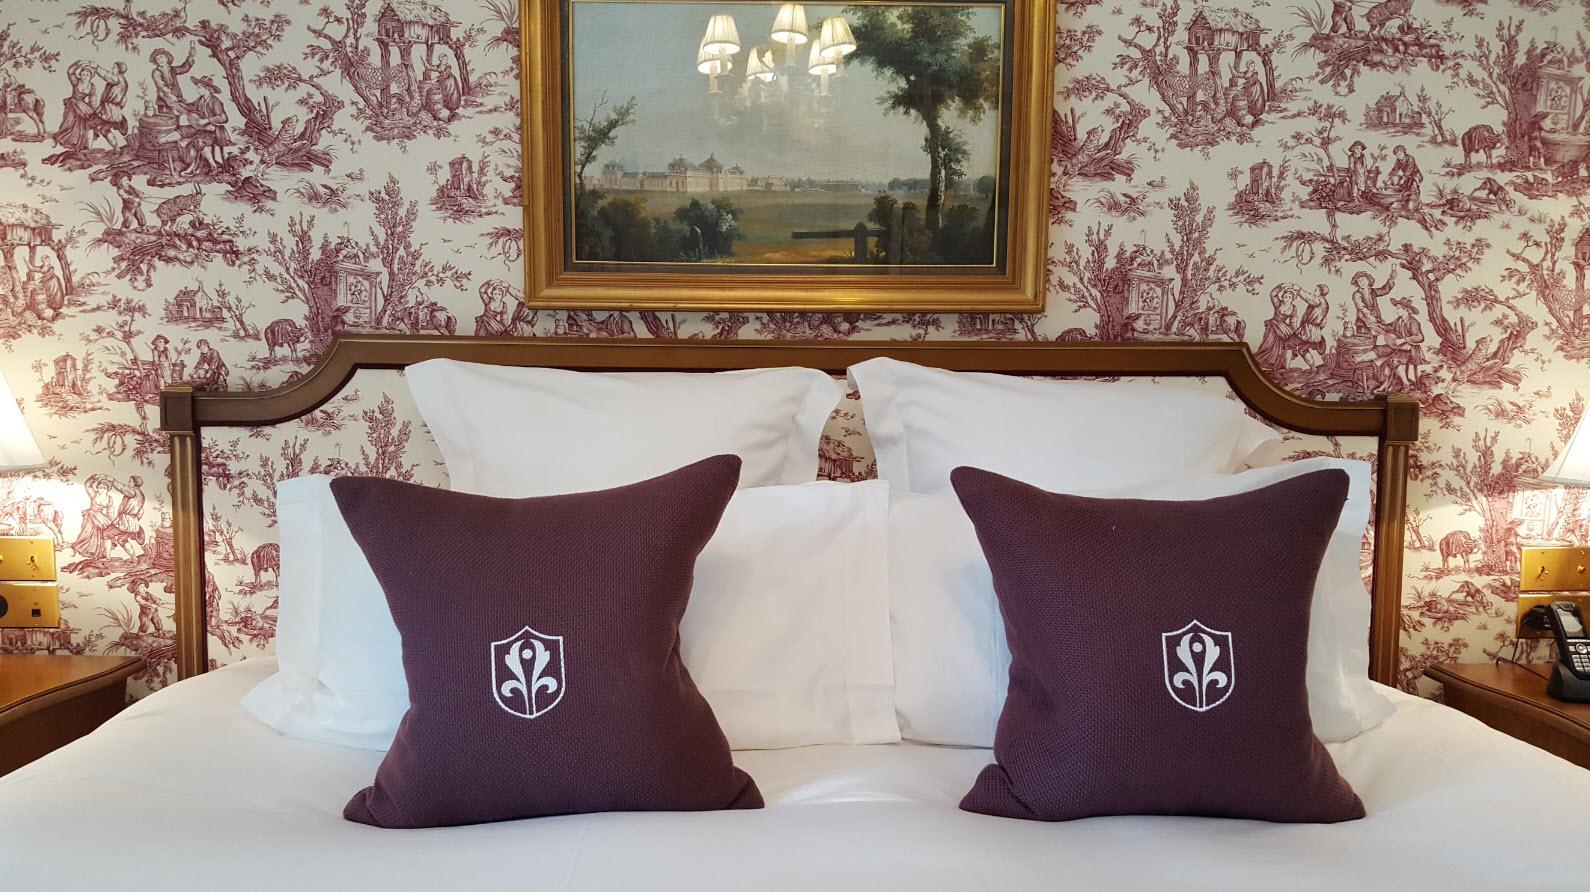 Hotel Relais et Chateaux Chantilly